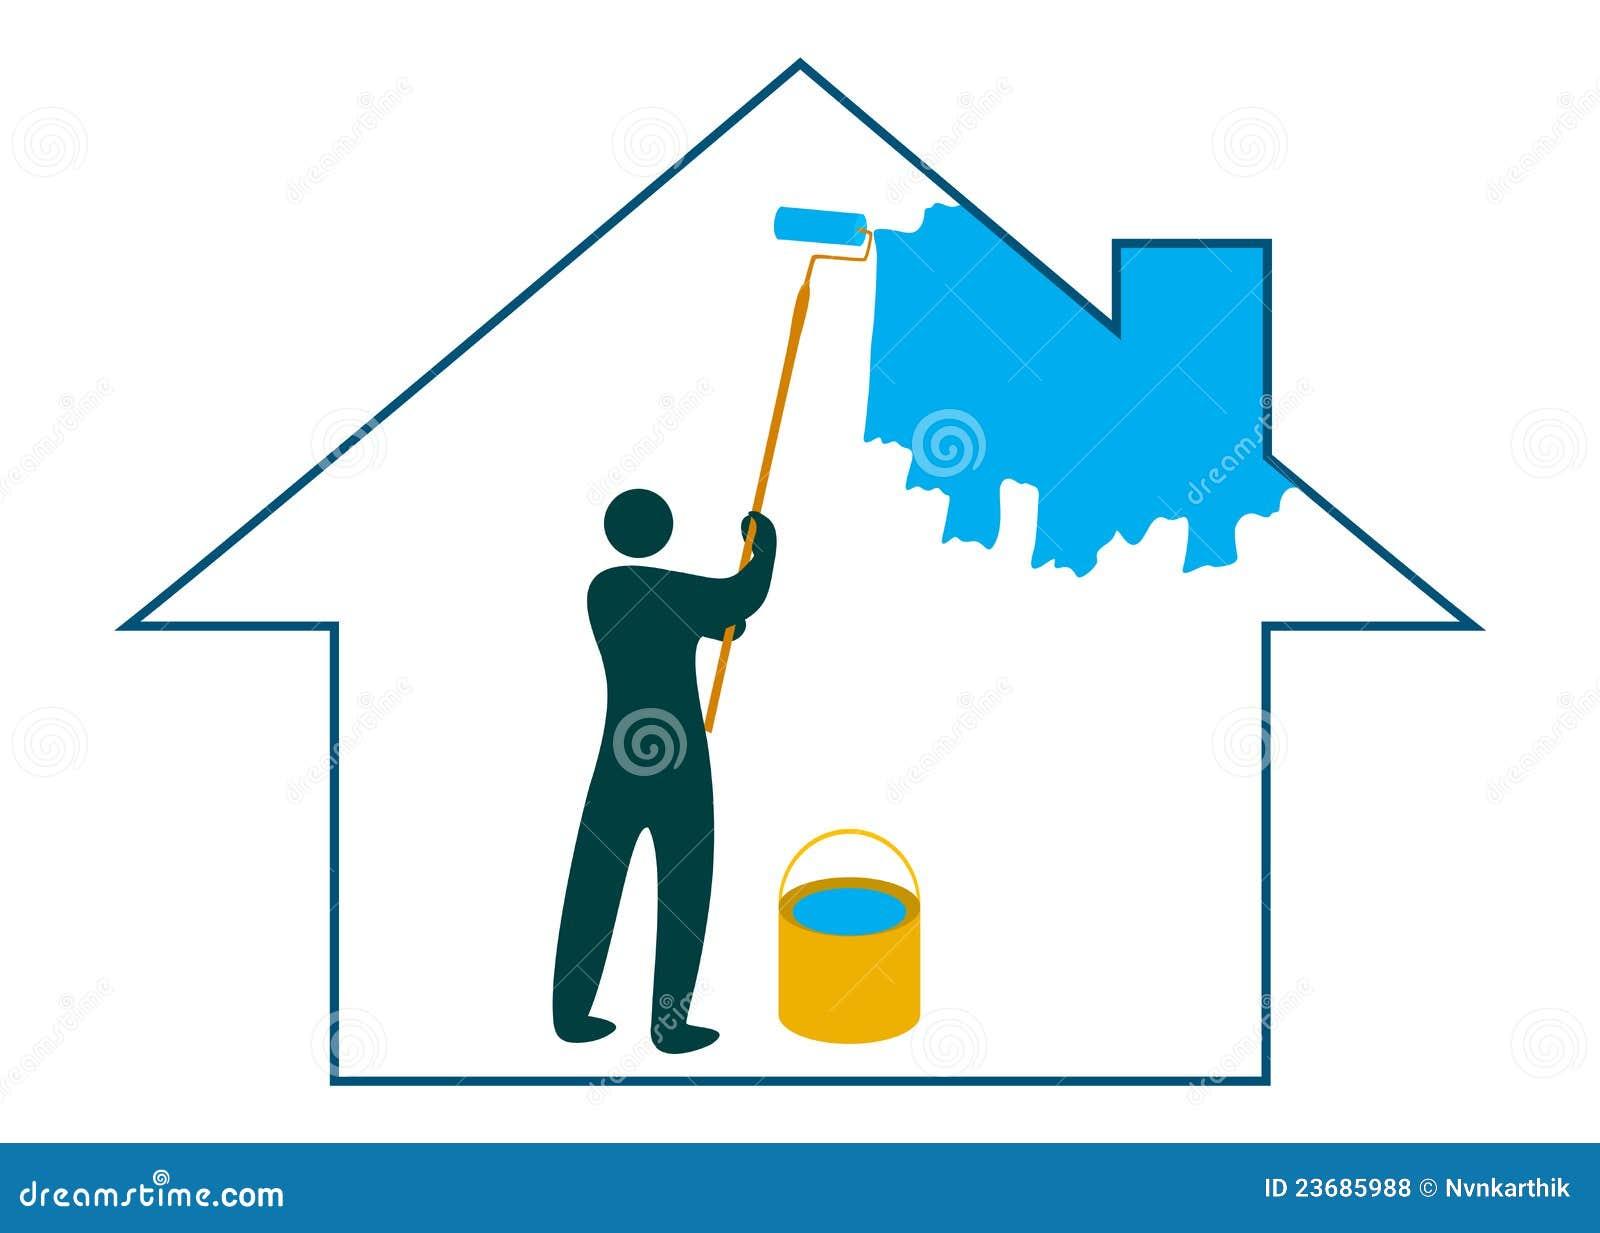 Peinture de la maison photos libres de droits image 23685988 for Peinture de la maison